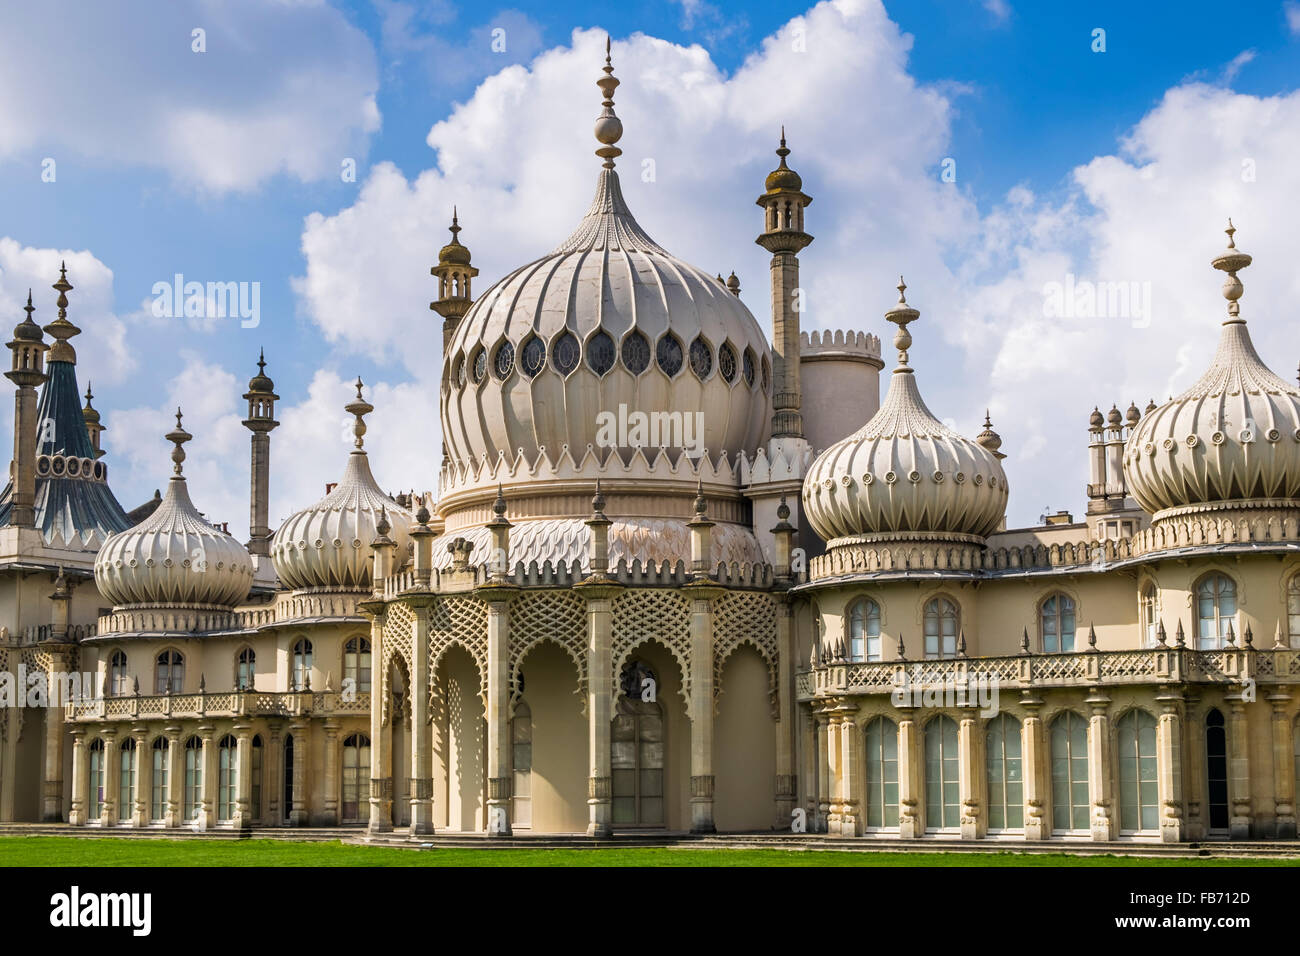 Pabellón de Brighton, el refugio costero de Prince George, el Príncipe regente, en el siglo XVIII, Brighton Imagen De Stock